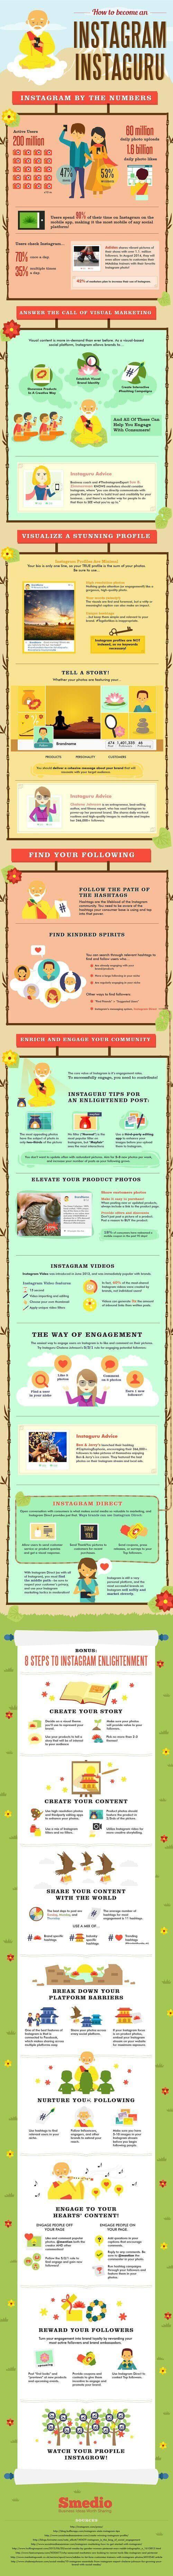 Instagram para negocios conviértete en experto en marketing visual #infografía